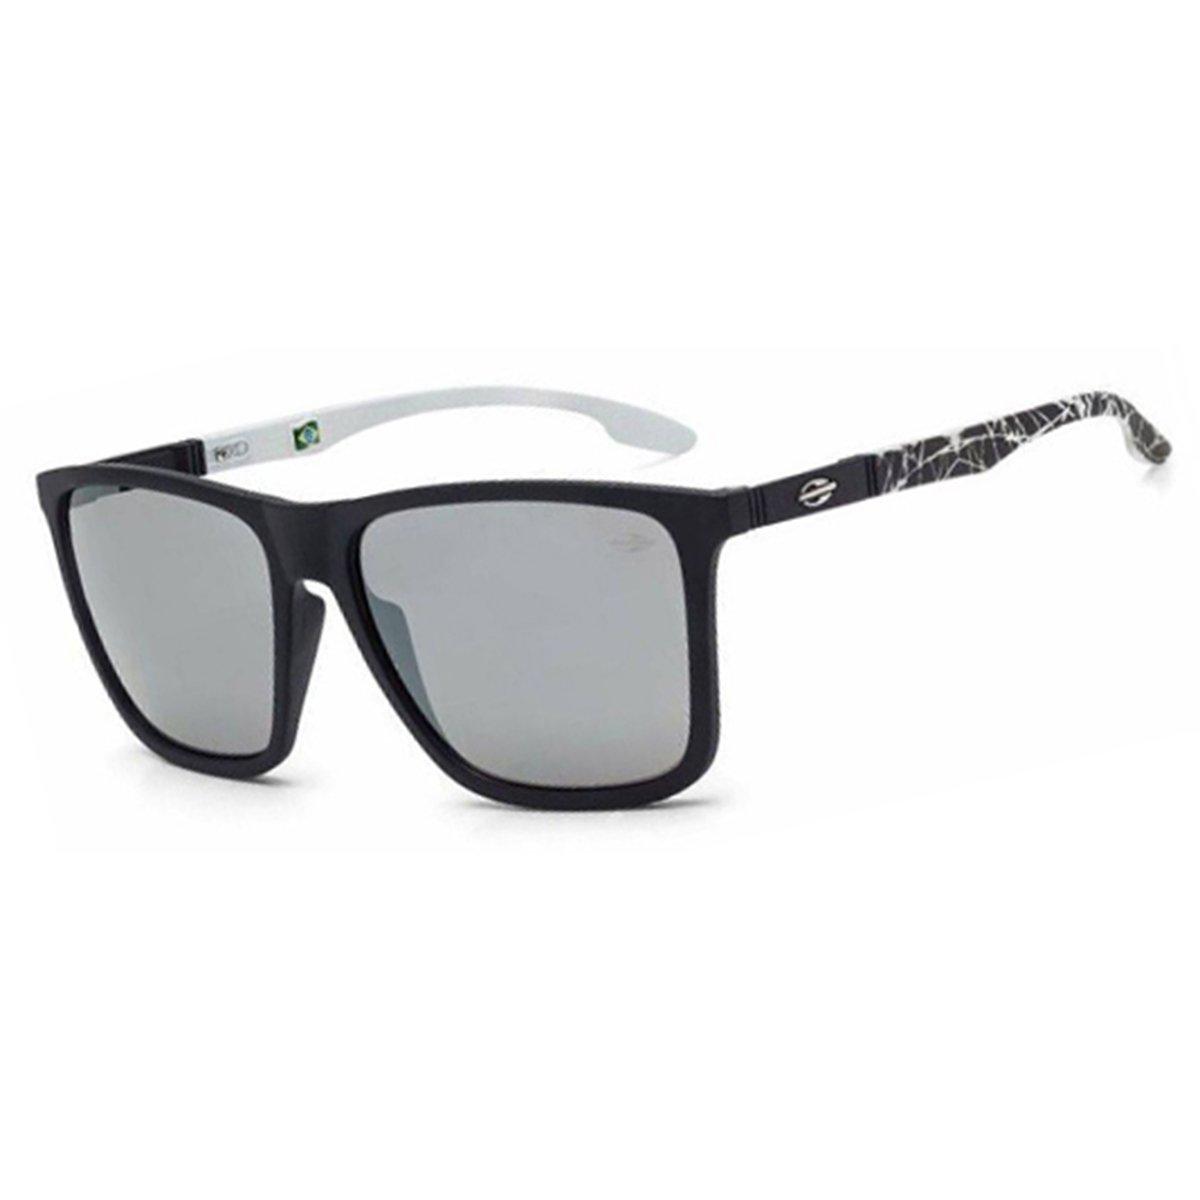 c9ef88ce7cead Compre Óculos de Sol Mormaii Hawaii em 10X